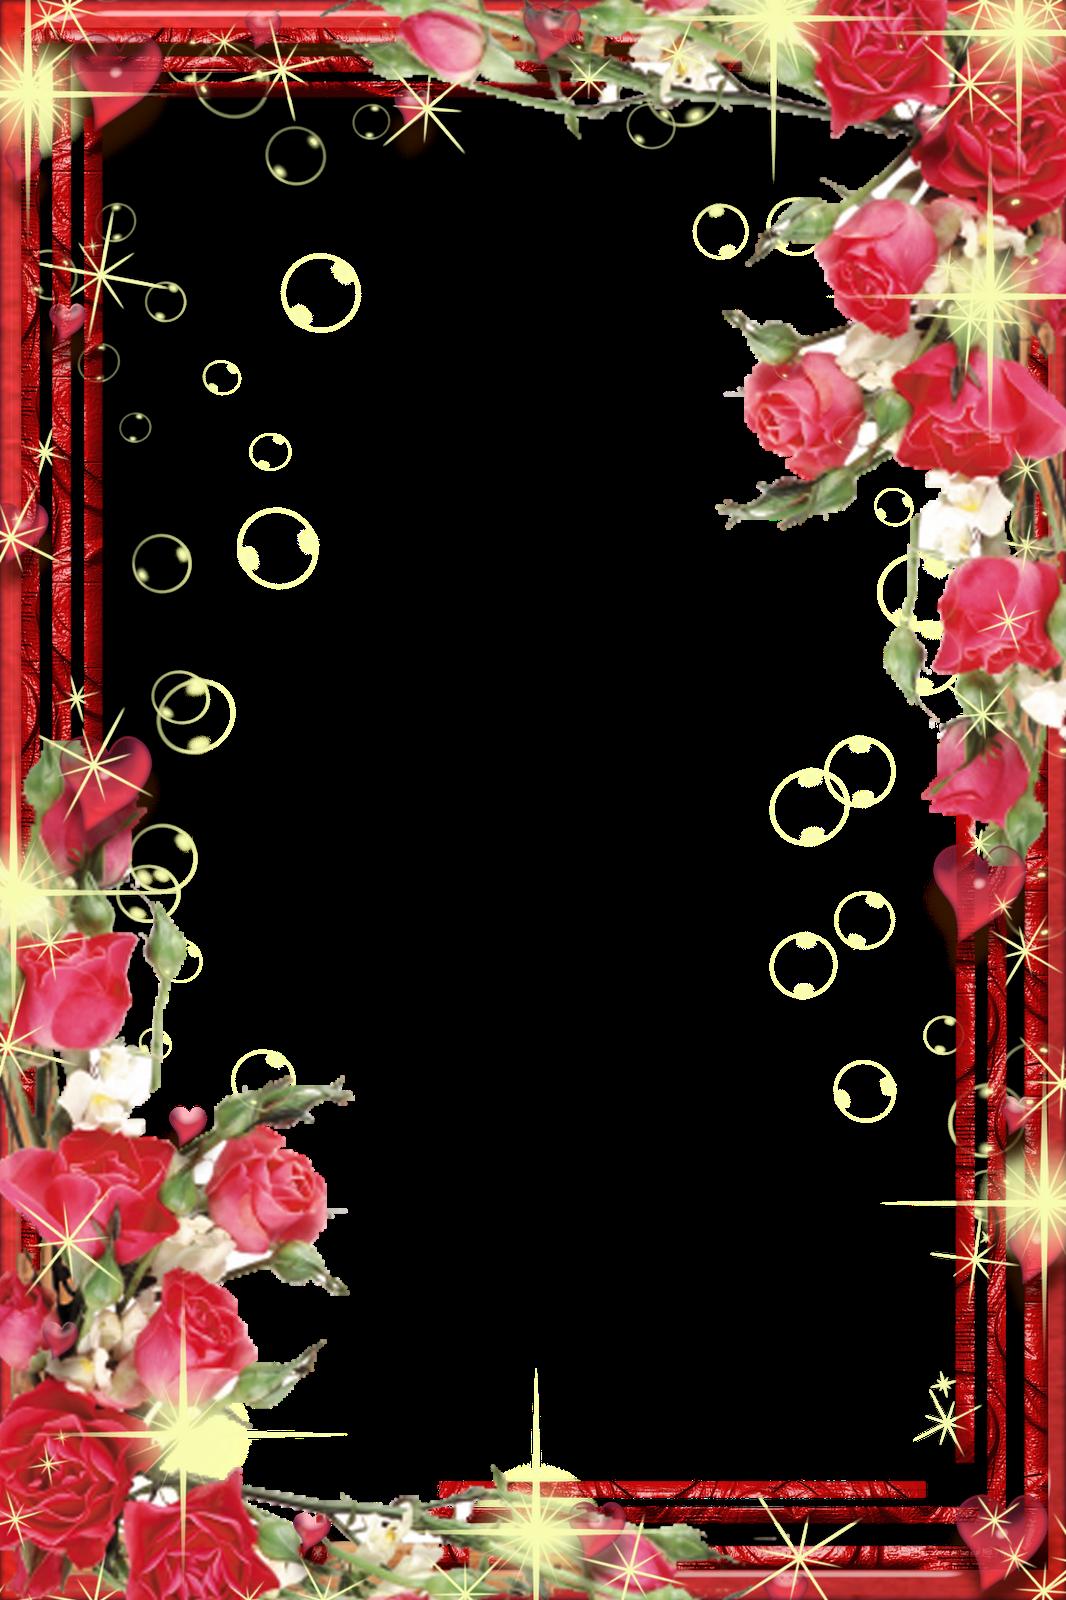 frame png | Frames PNG San Valentin #7-Central Photoshop | Frames ...